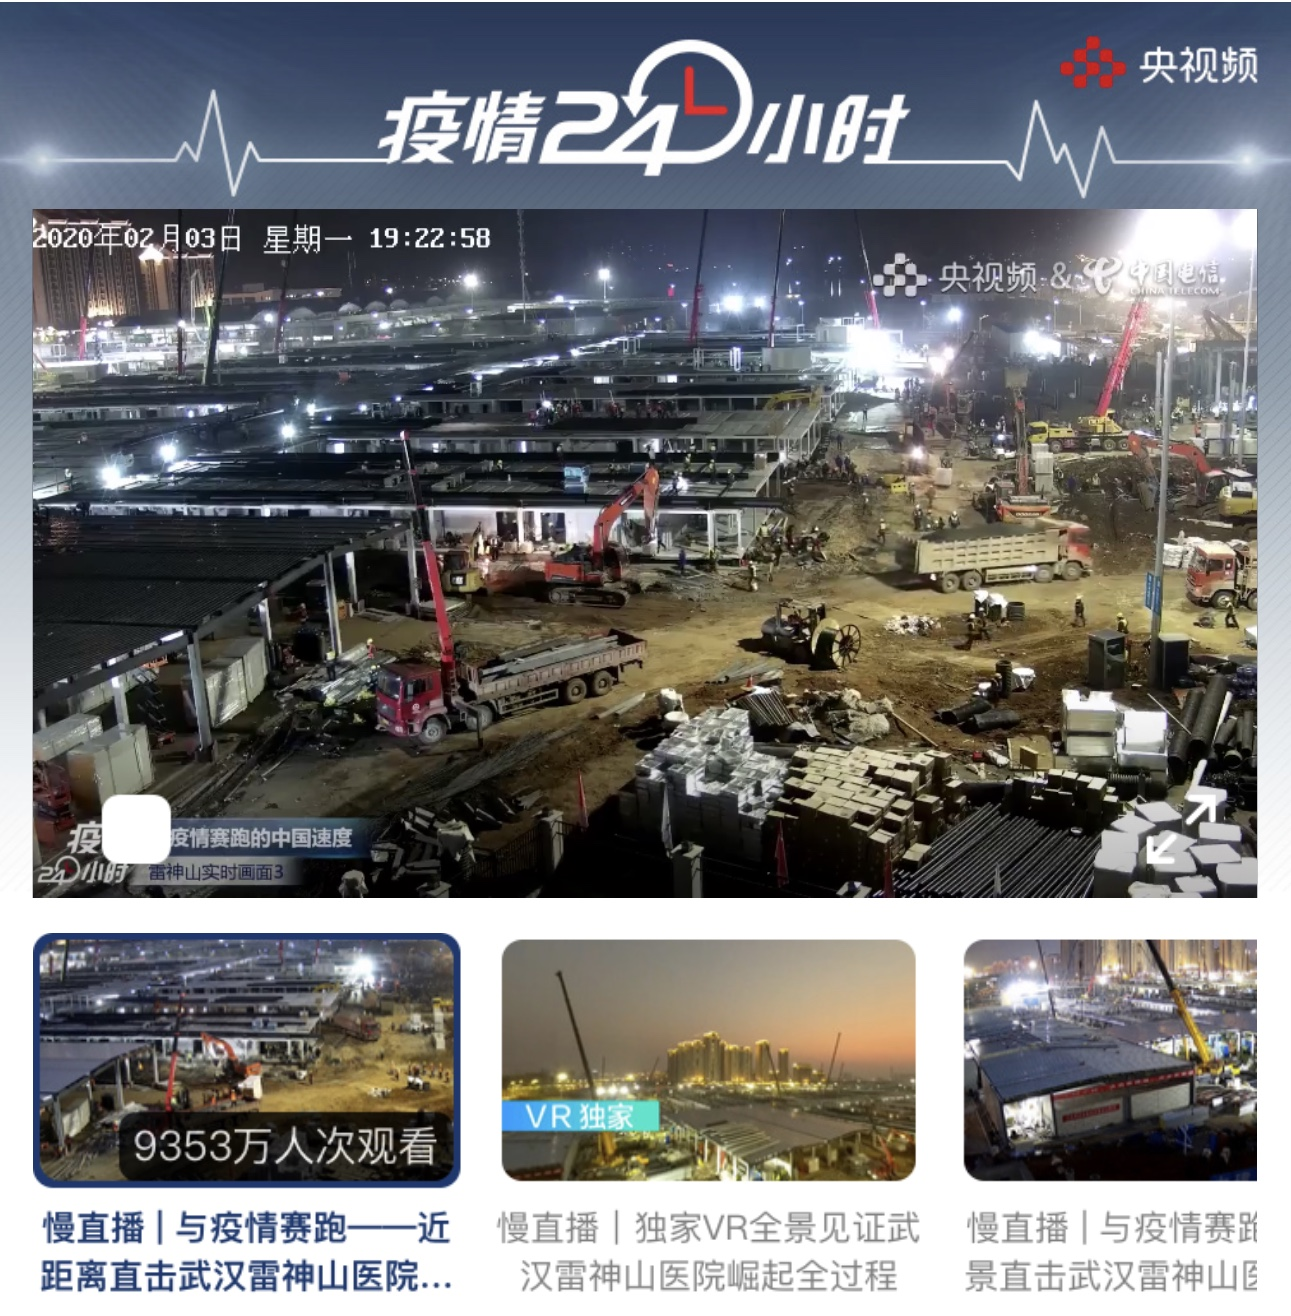 雷神山医院开通VR直播,共同见证中国速度